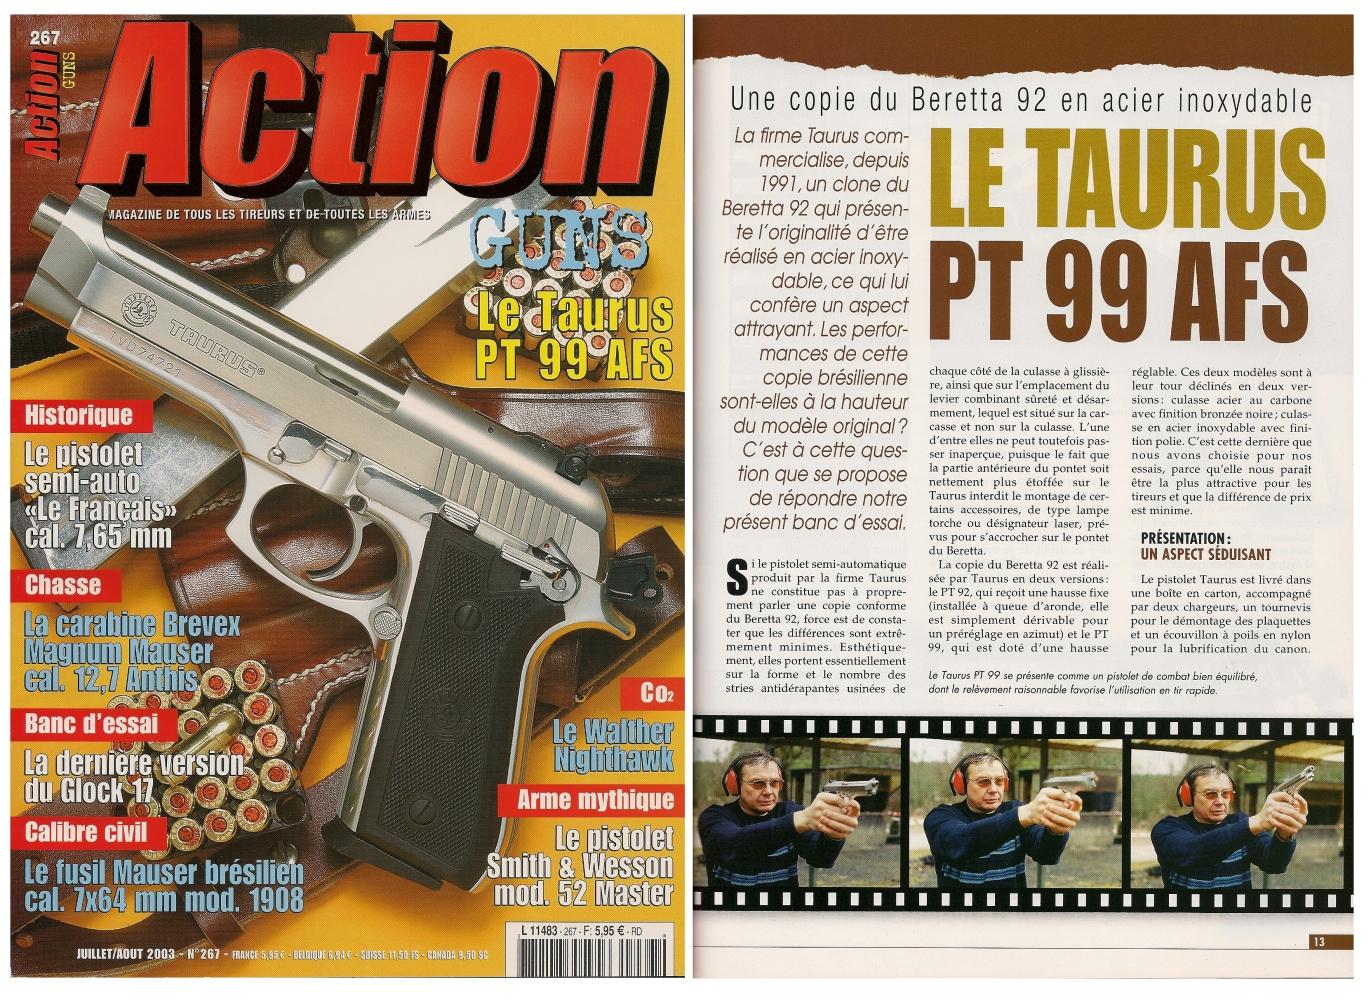 Le banc d'essai du pistolet Taurus PT 99 AFS a été publié sur 6 pages dans le magazine Action Guns n°267 (juillet/août 2003).